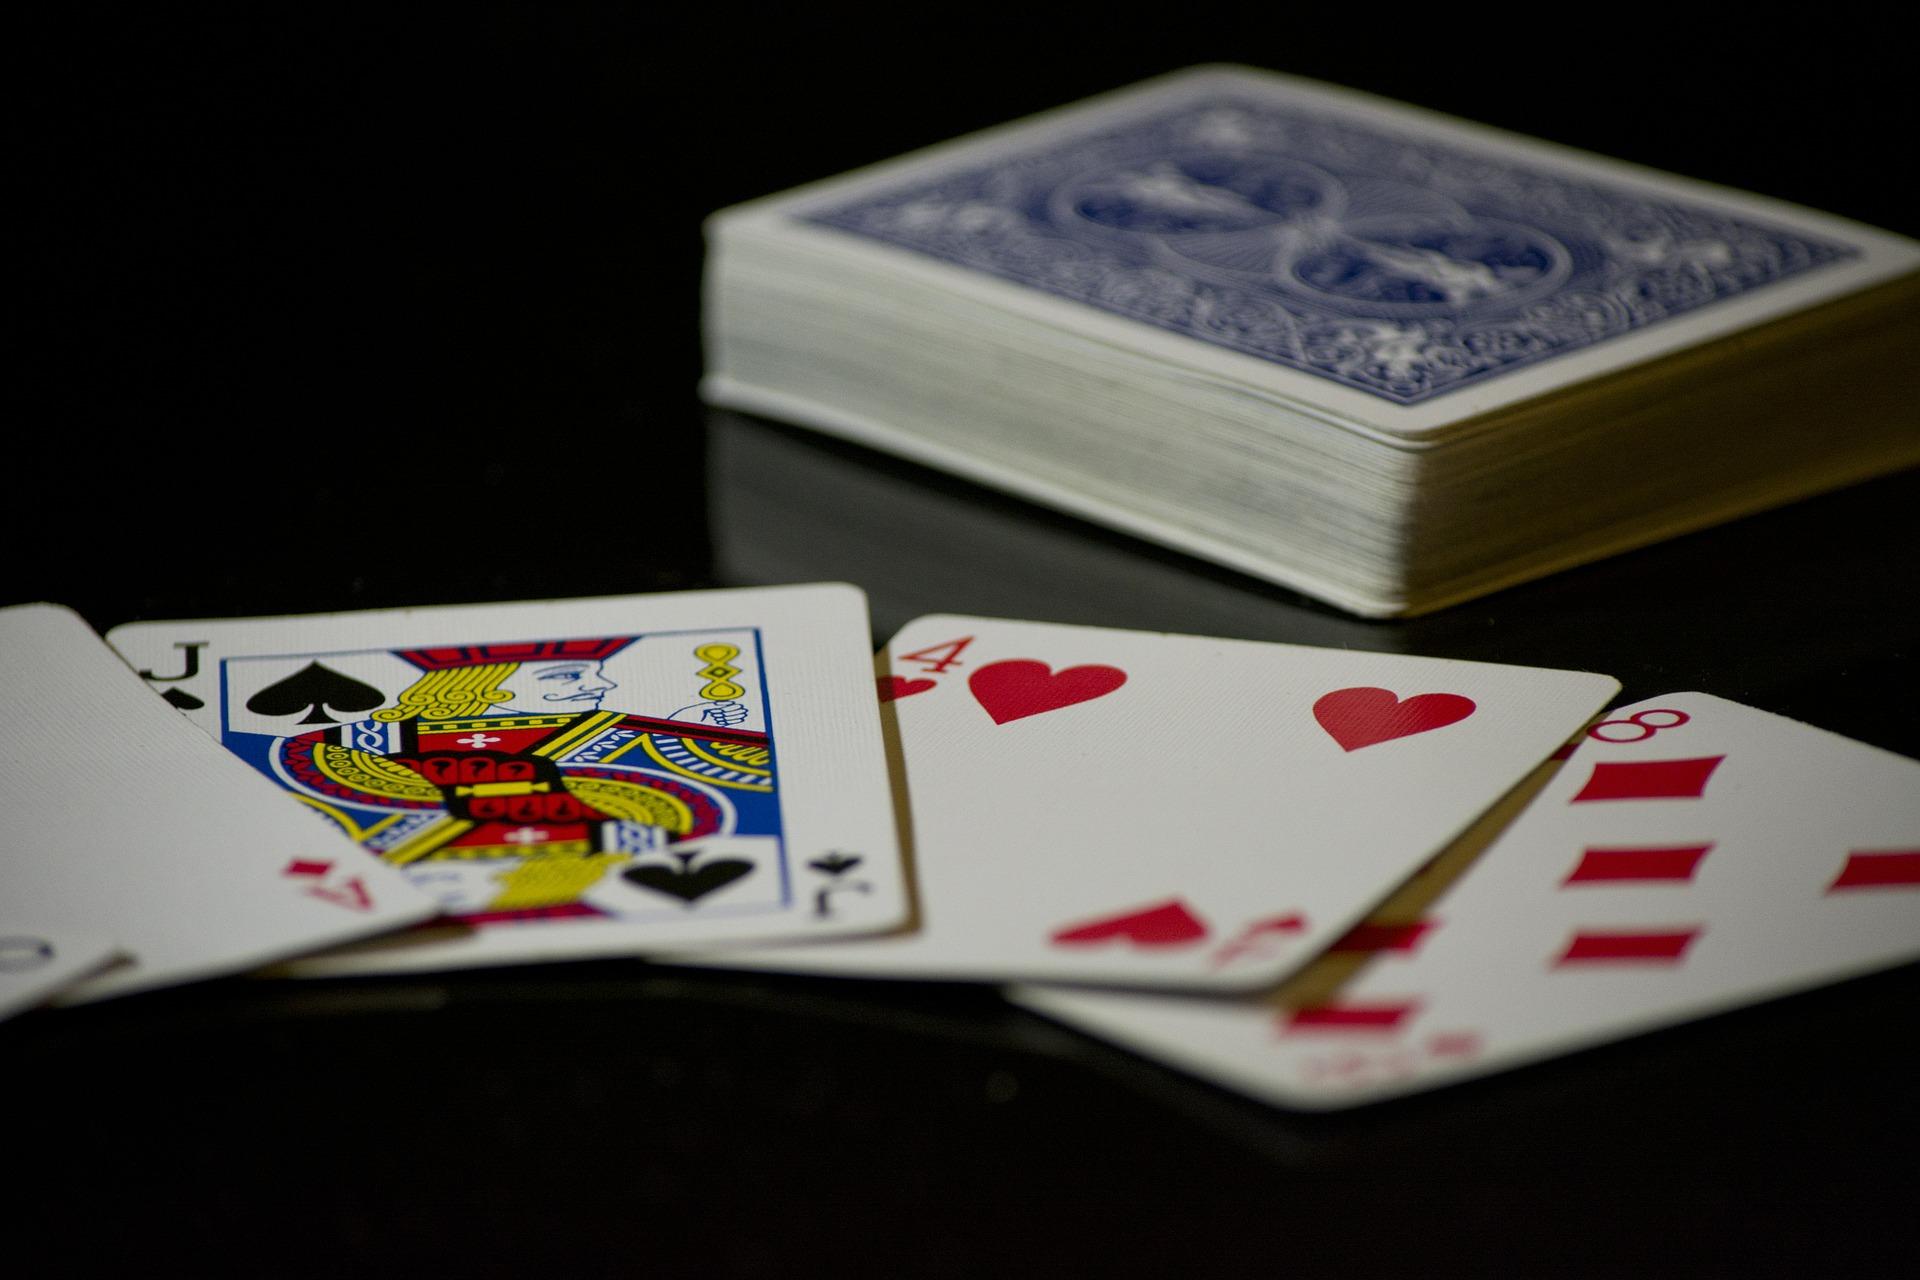 ألعاب كازينو - 21170